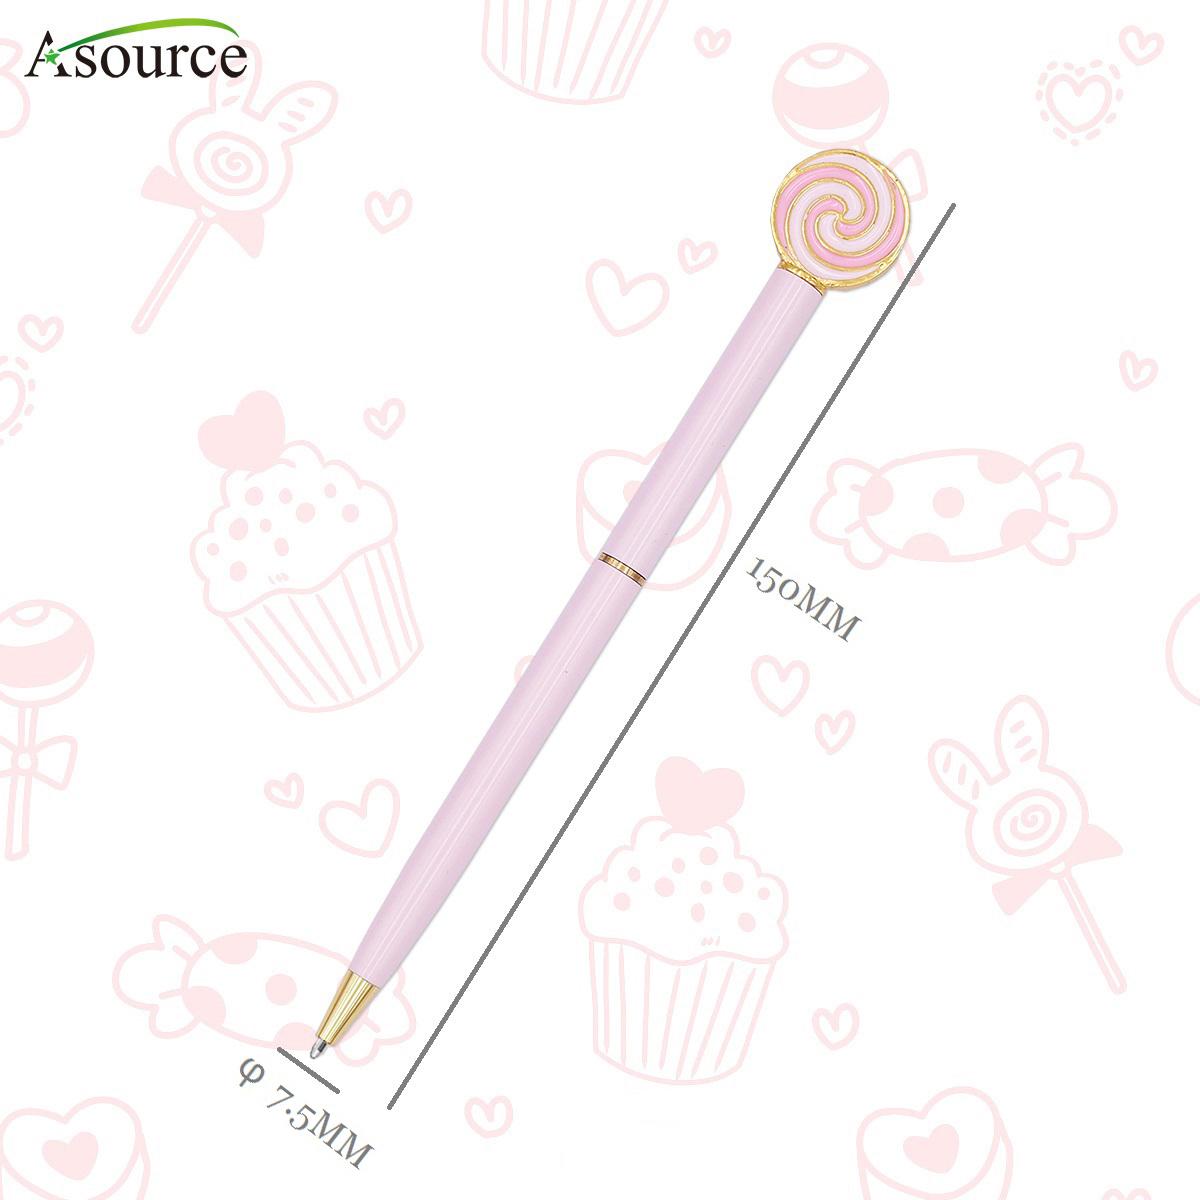 Новое поступление, новинка, подарочная ручка, милая ручка с леденцом